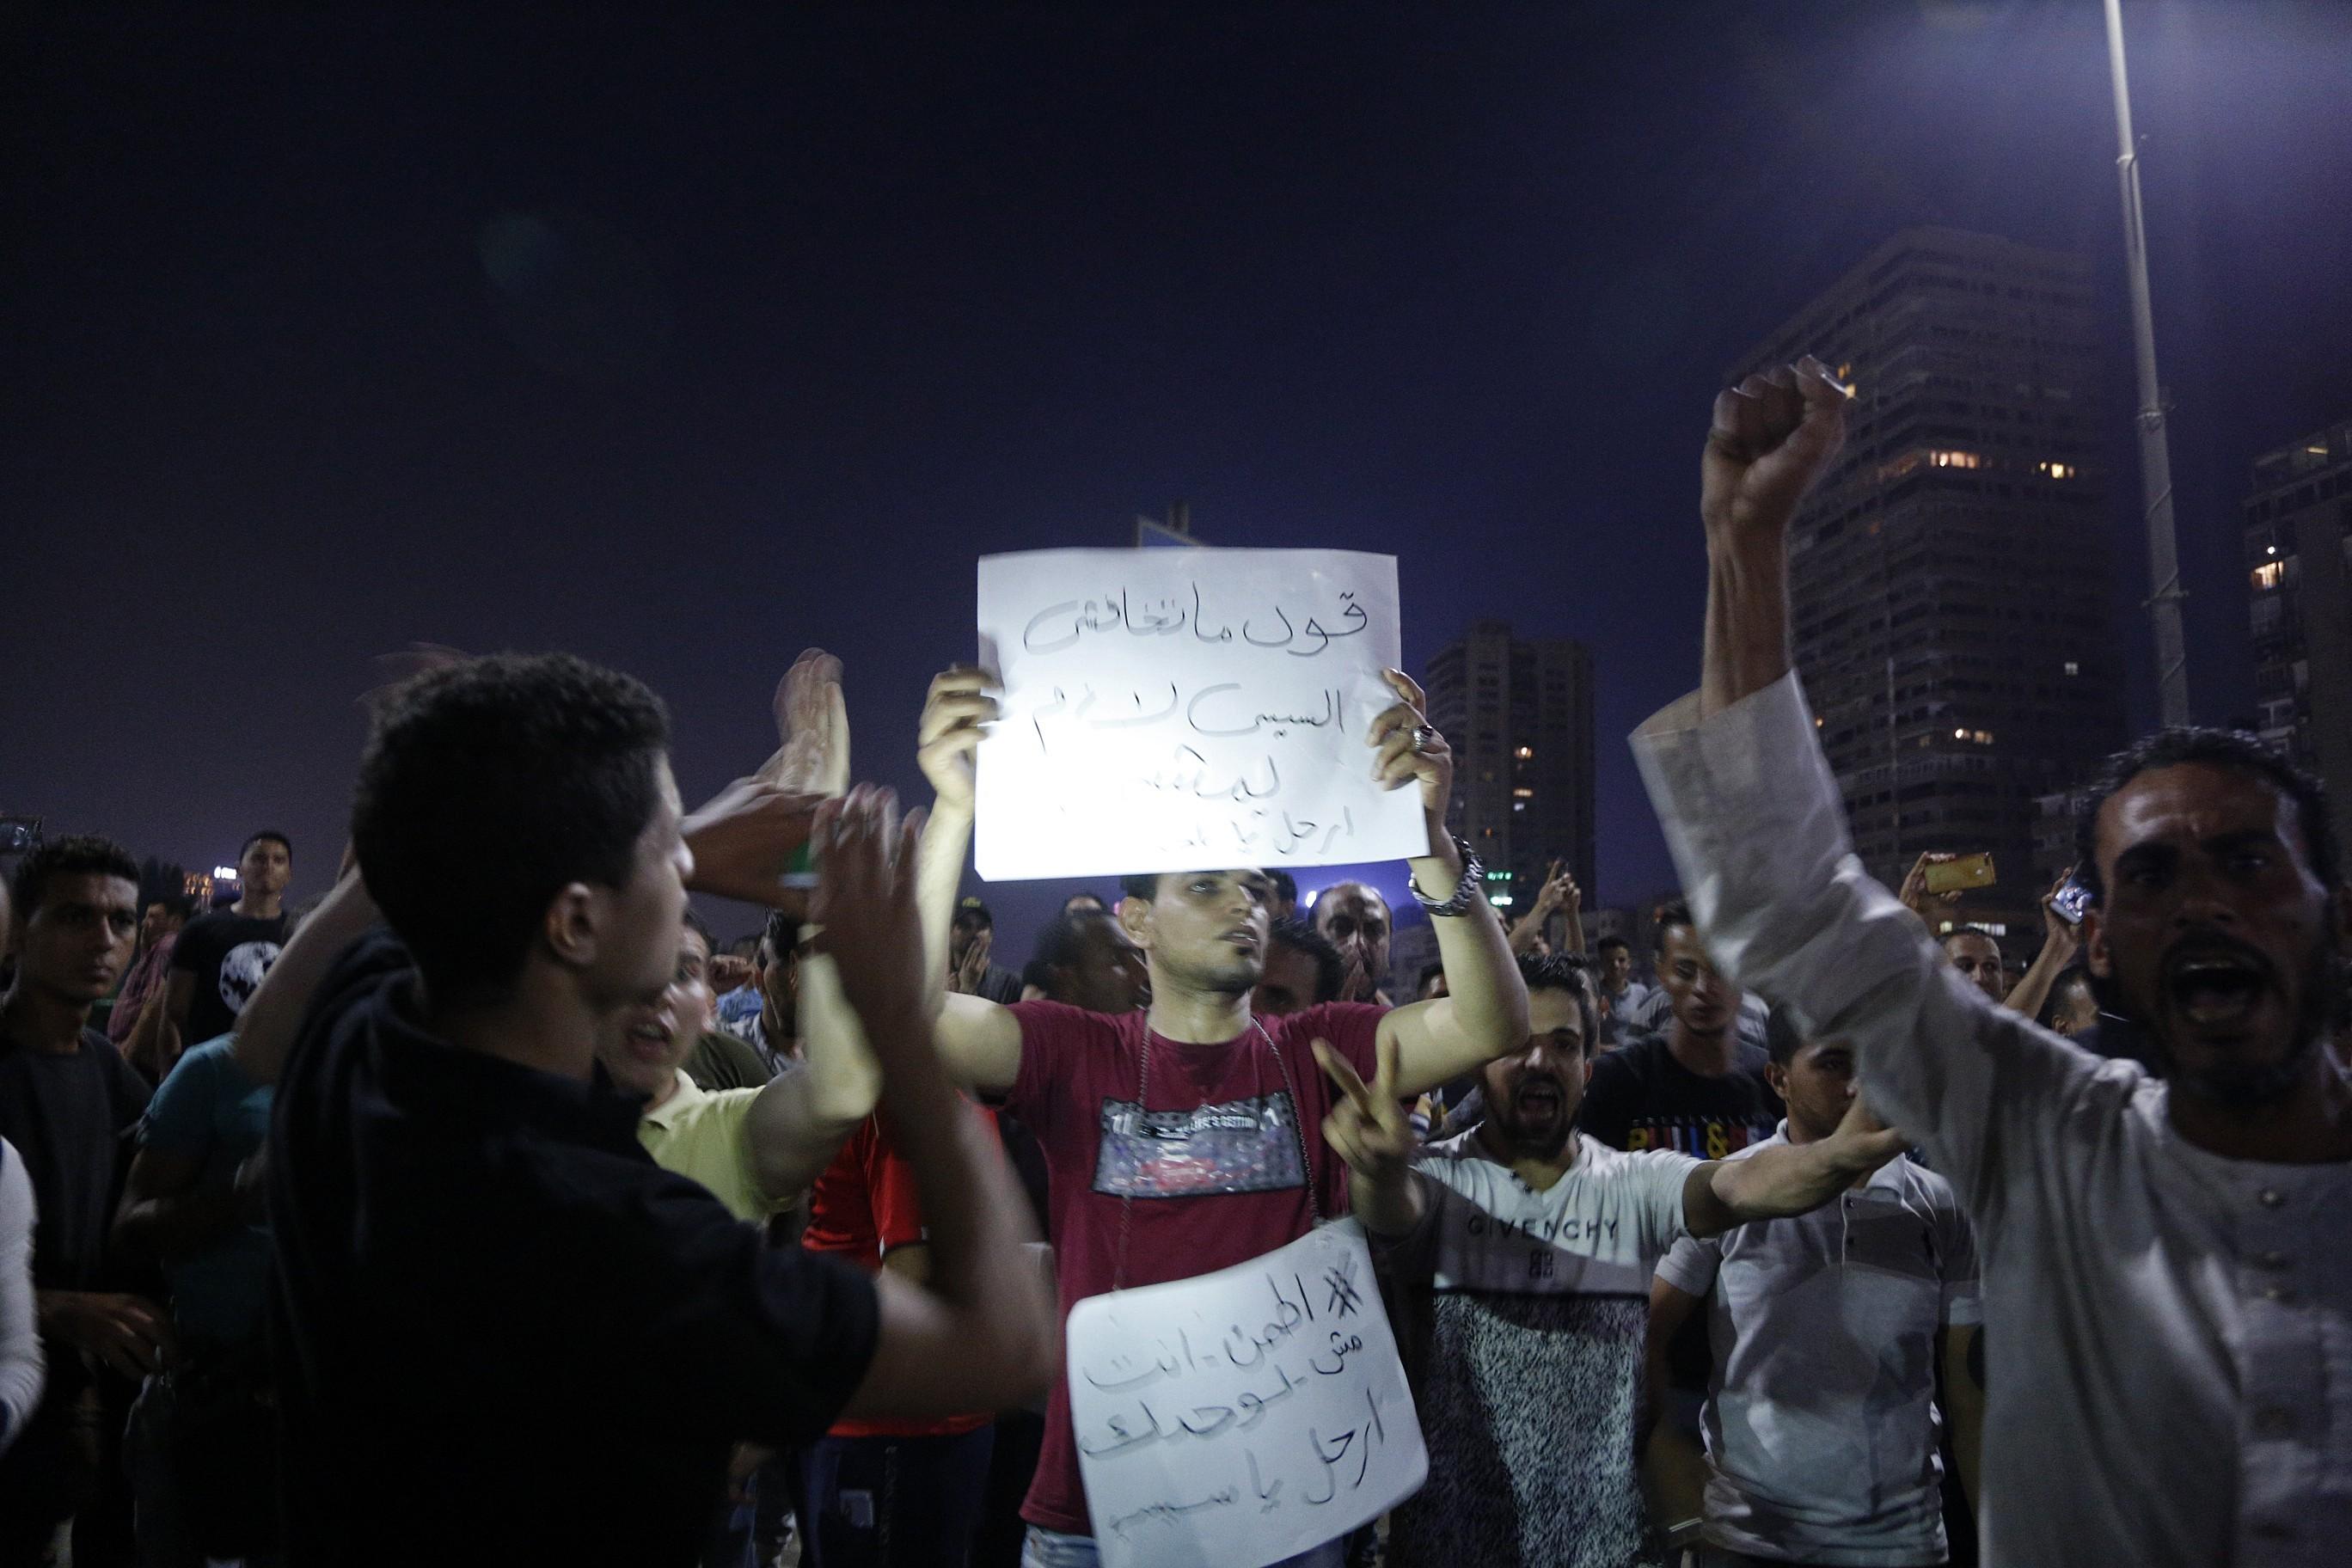 تنامي الحراك العمالي والاحتجاجات العمالية في مصر